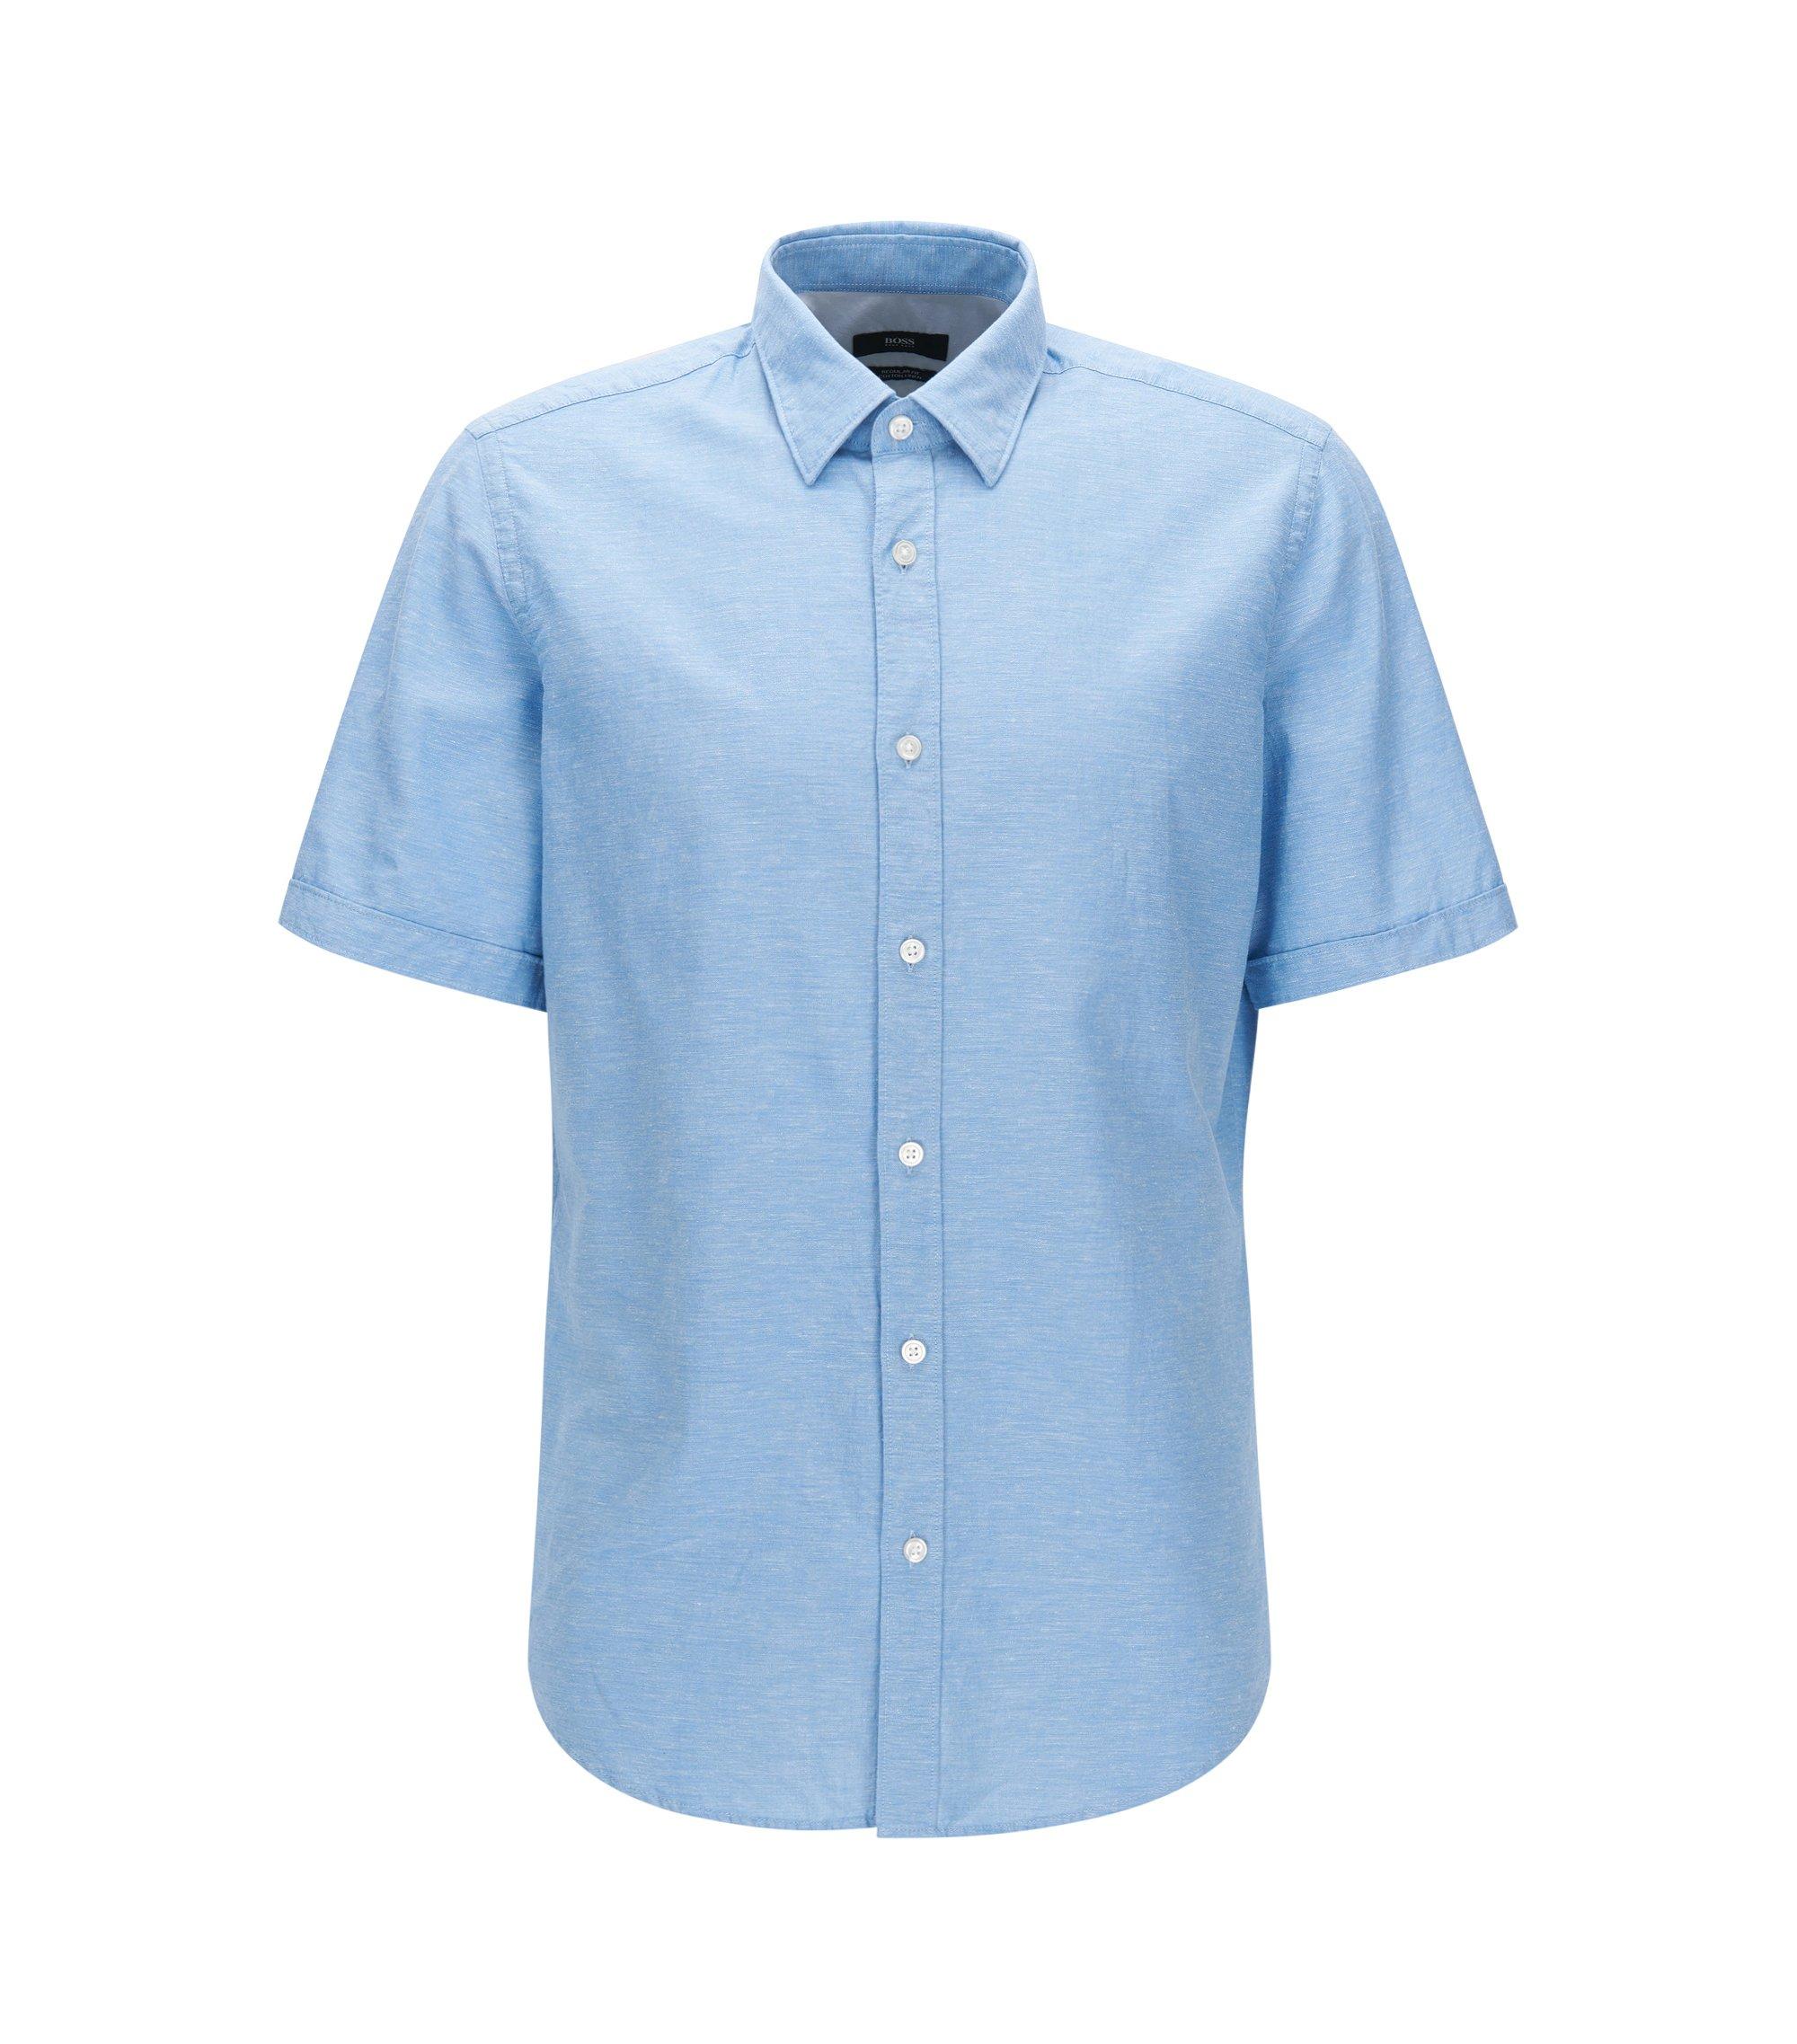 Cotton Linen Button Down Shirt, Regular Fit | Luka, Dark Blue